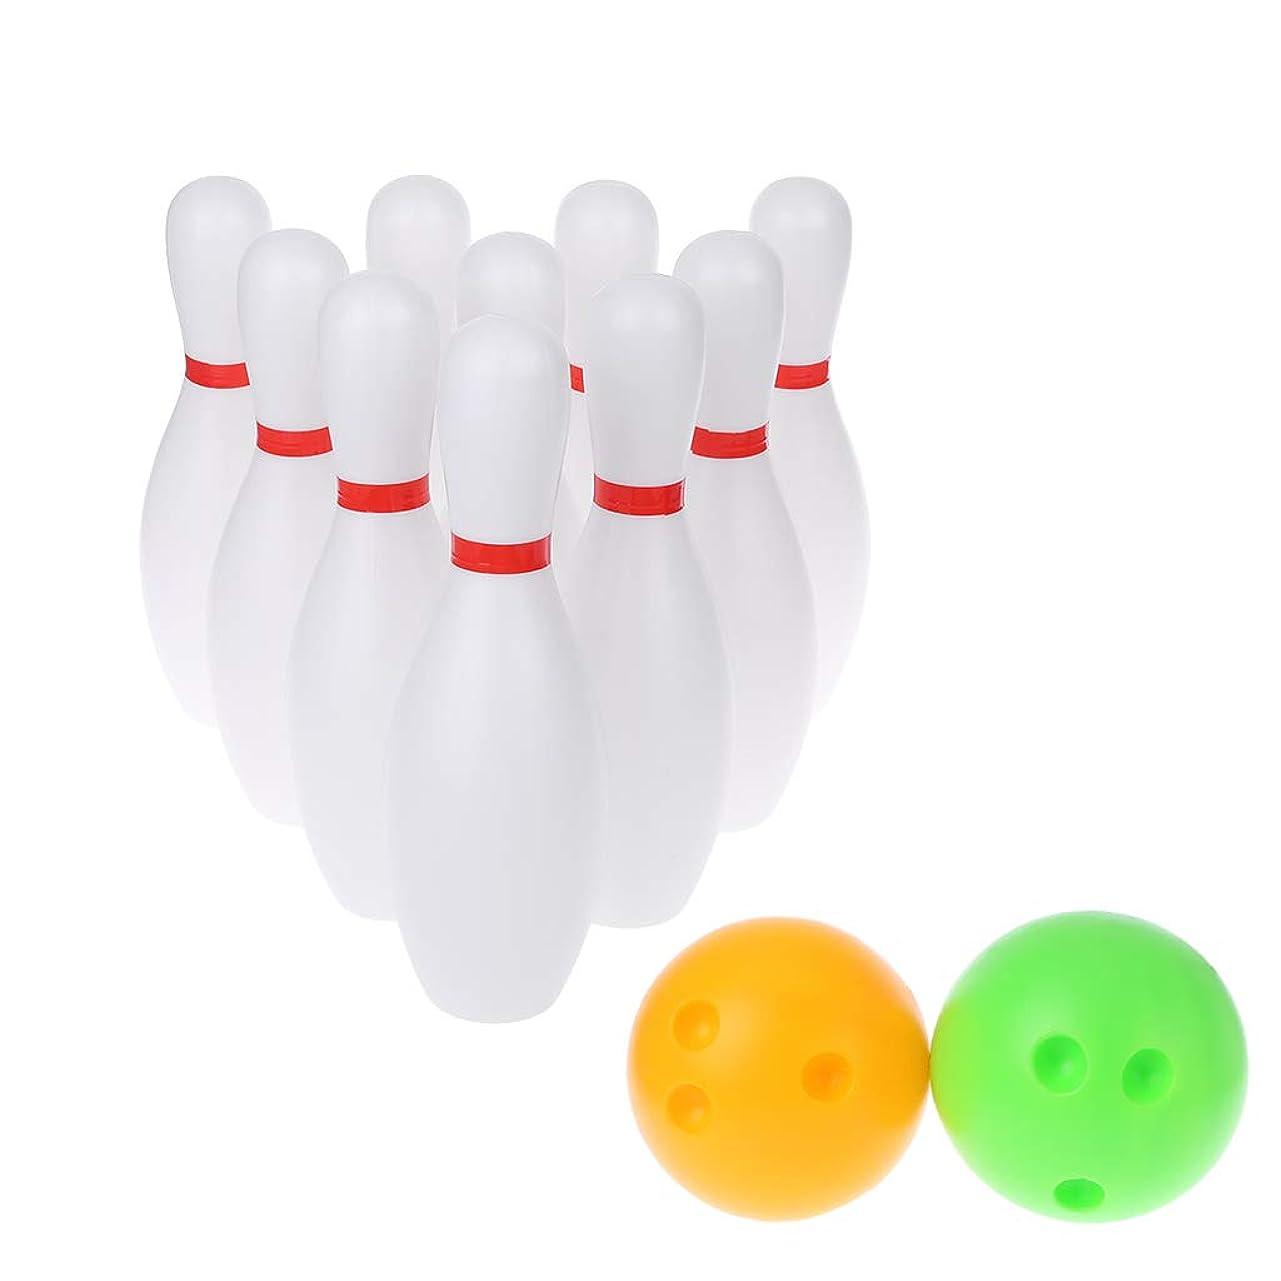 光沢ハム副LANDUM 教育玩具, キッズ面白いボウリングセット2ボール10ピンボウリングゲームスポーツエクササイズ屋外教育玩具